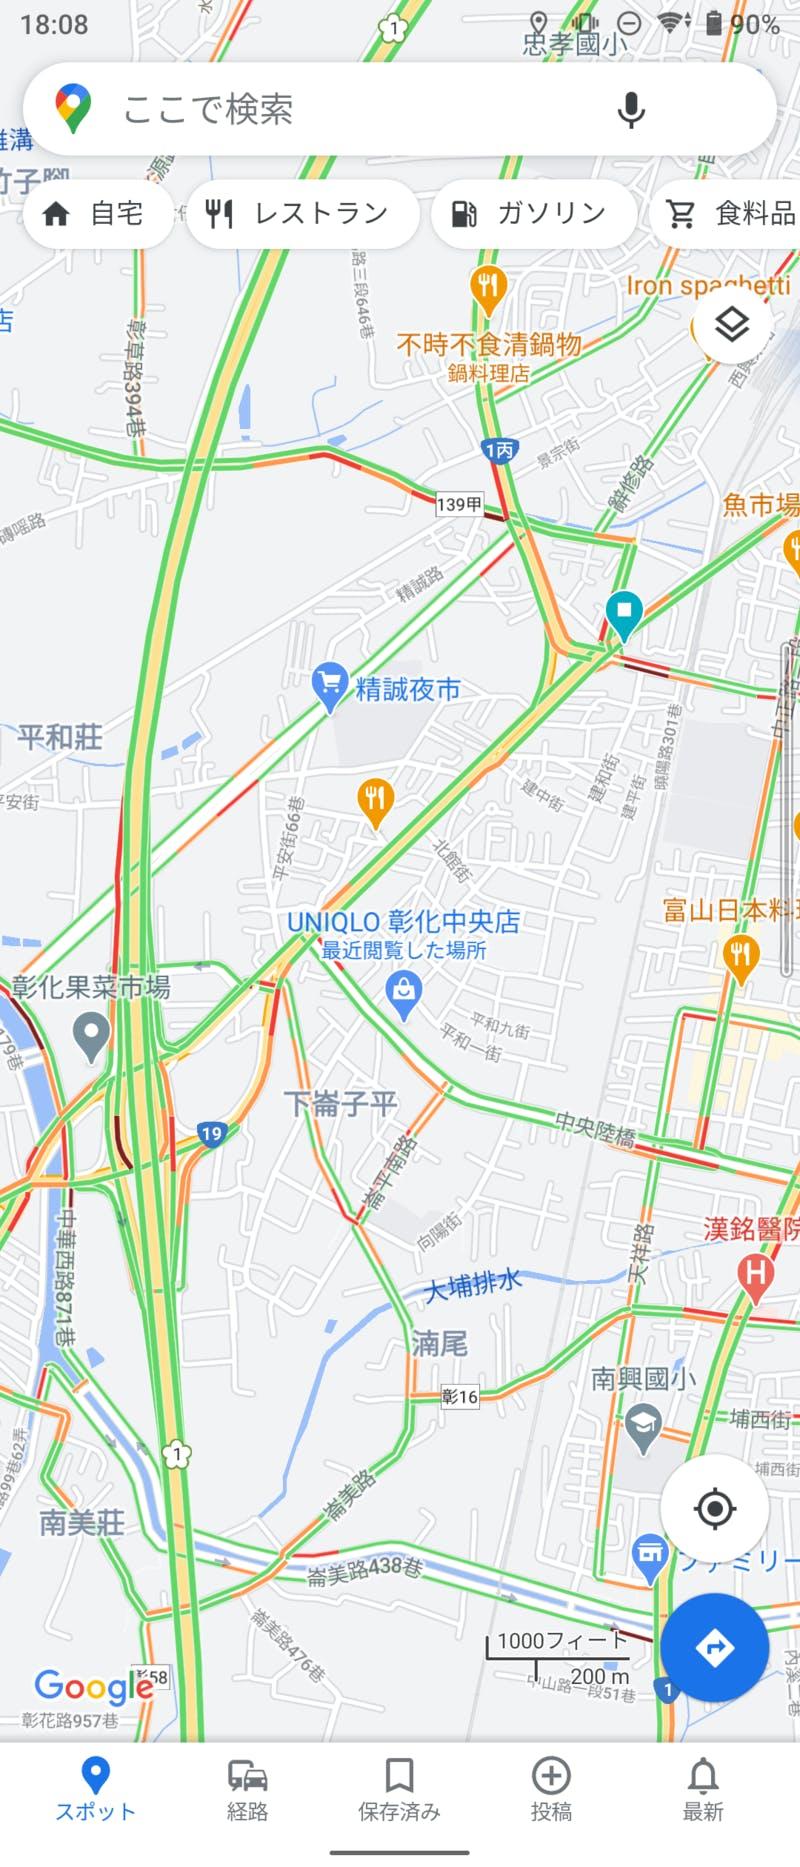 地図に交通状況が表示される